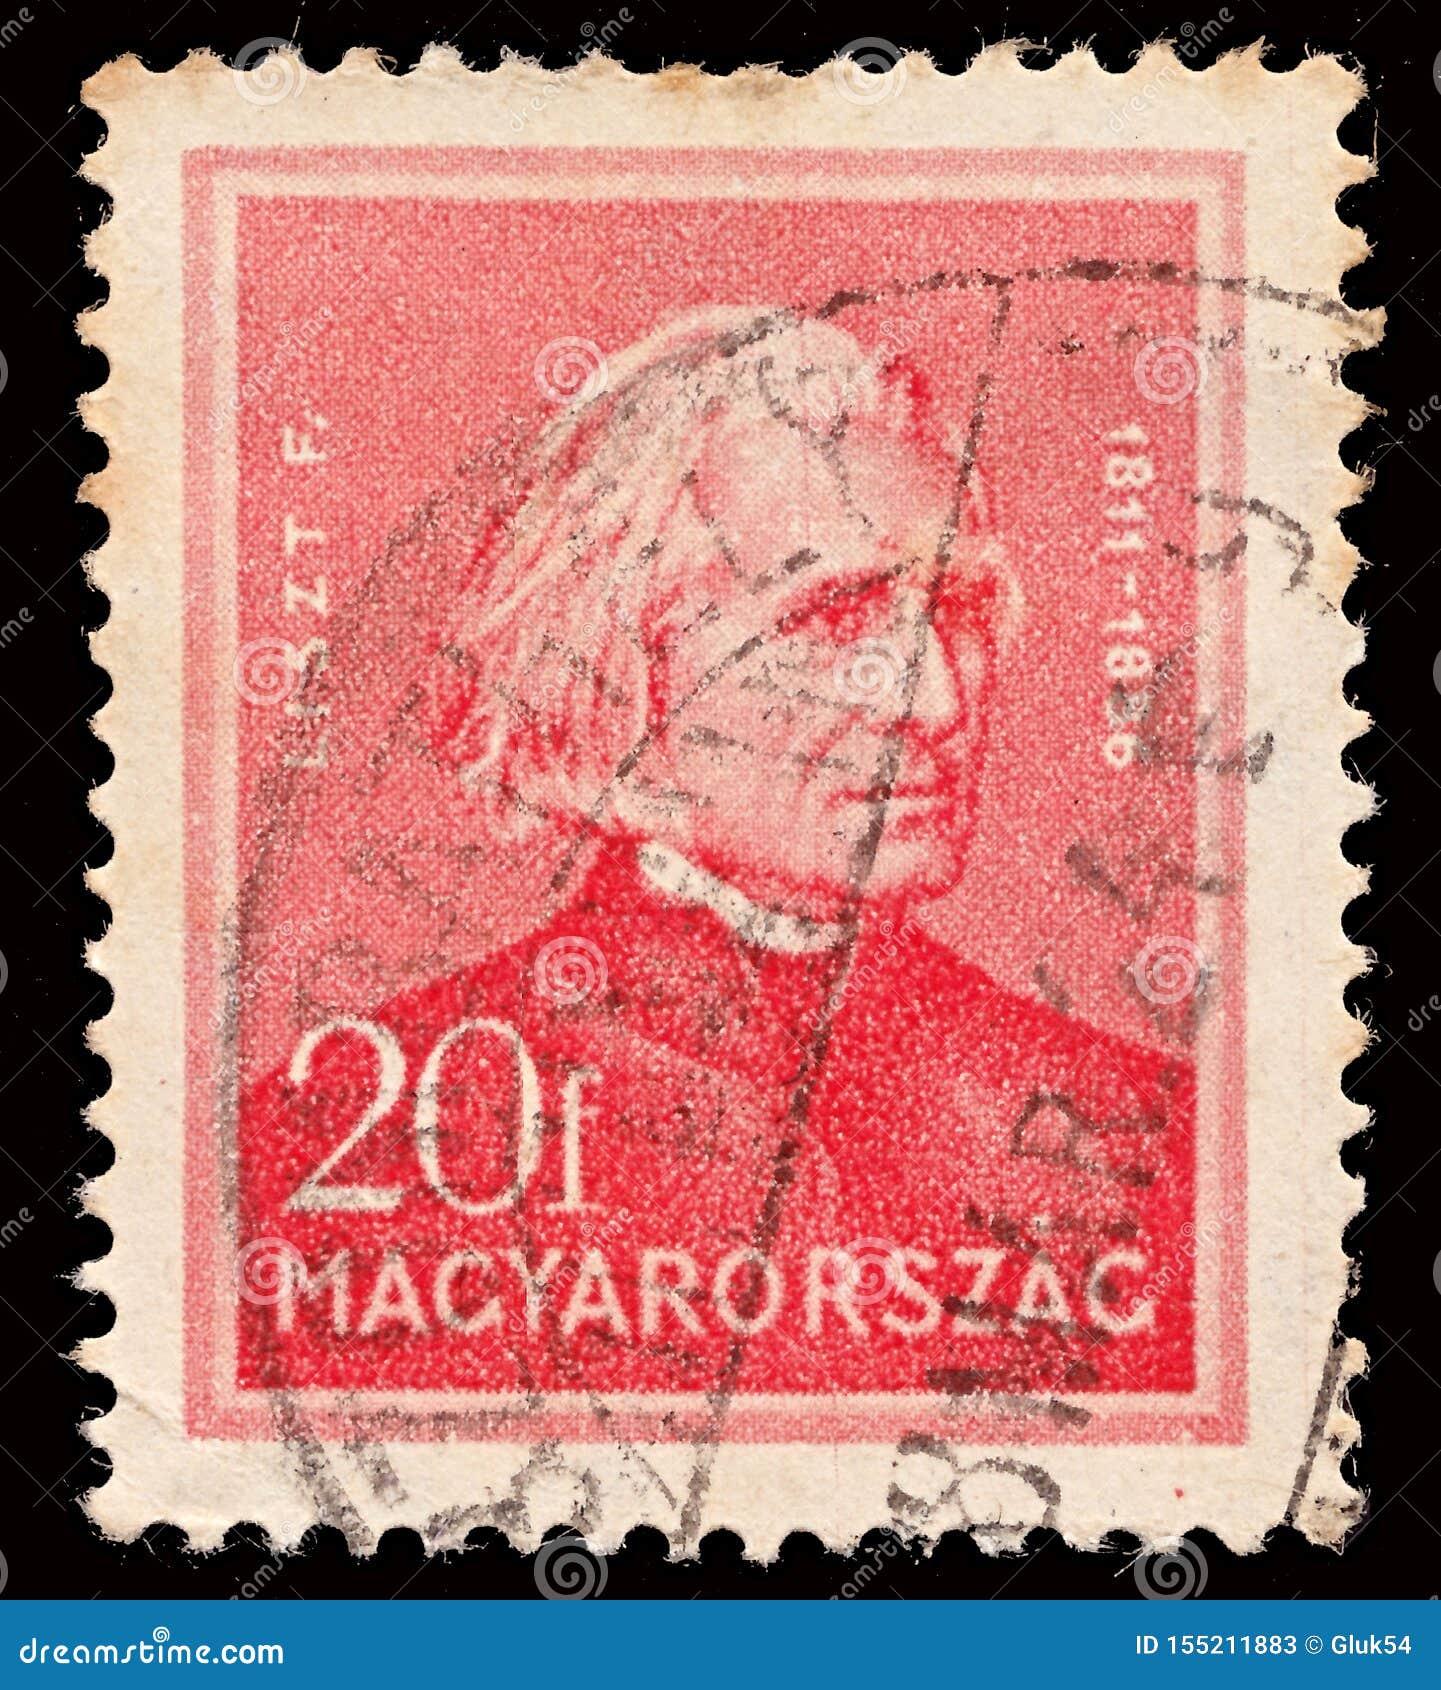 Znaczek drukujący w Węgry pokazuje Ferenc Franz Liszt 1811-1886 kompozytora, osobowości seria około 1932,